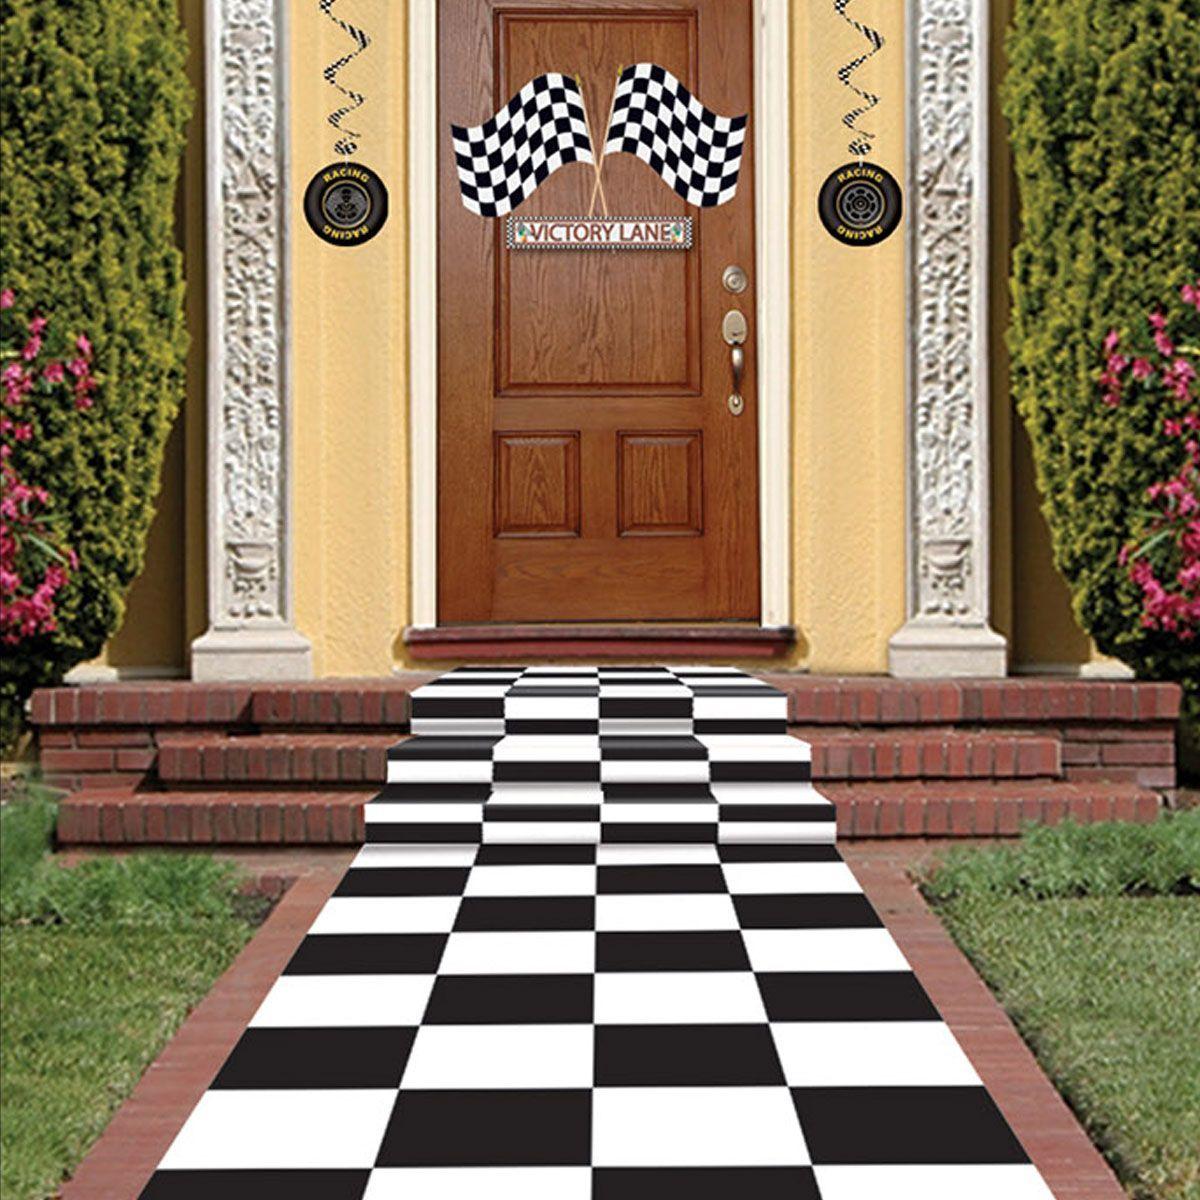 Checkered Floor Runner Wonderland Party Decorations Checkered Floors Alice In Wonderland Party